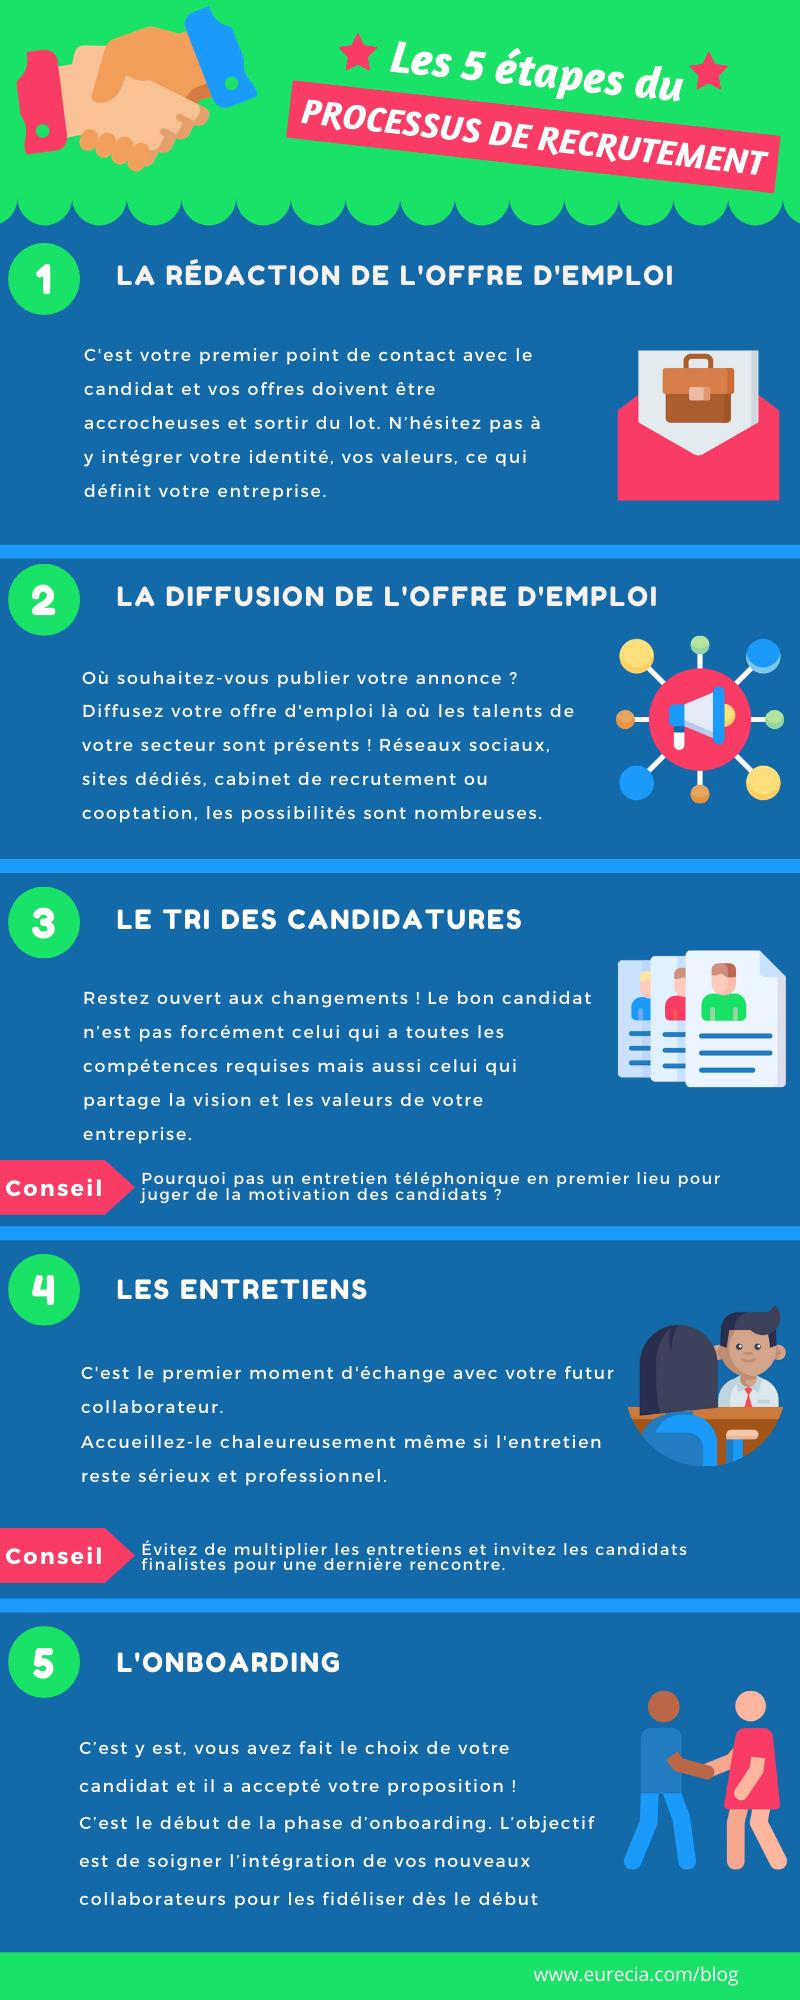 les_5_etapes_du_processus_de_recrutement.png